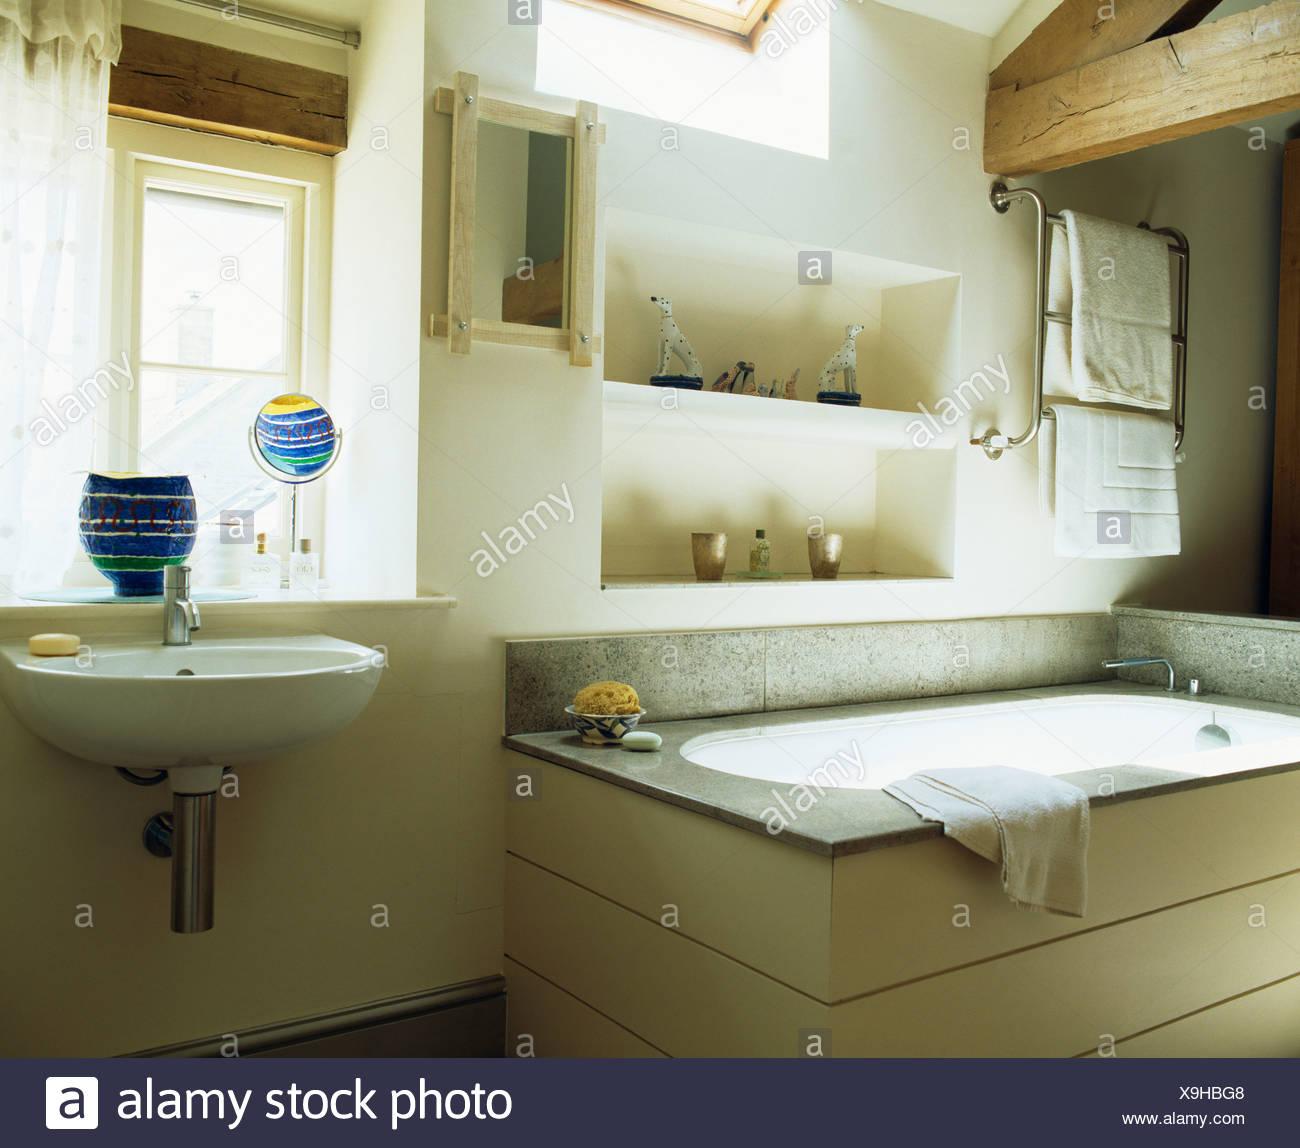 Alkoven über Badewanne im modernen Badezimmer Regale Stockfoto, Bild ...